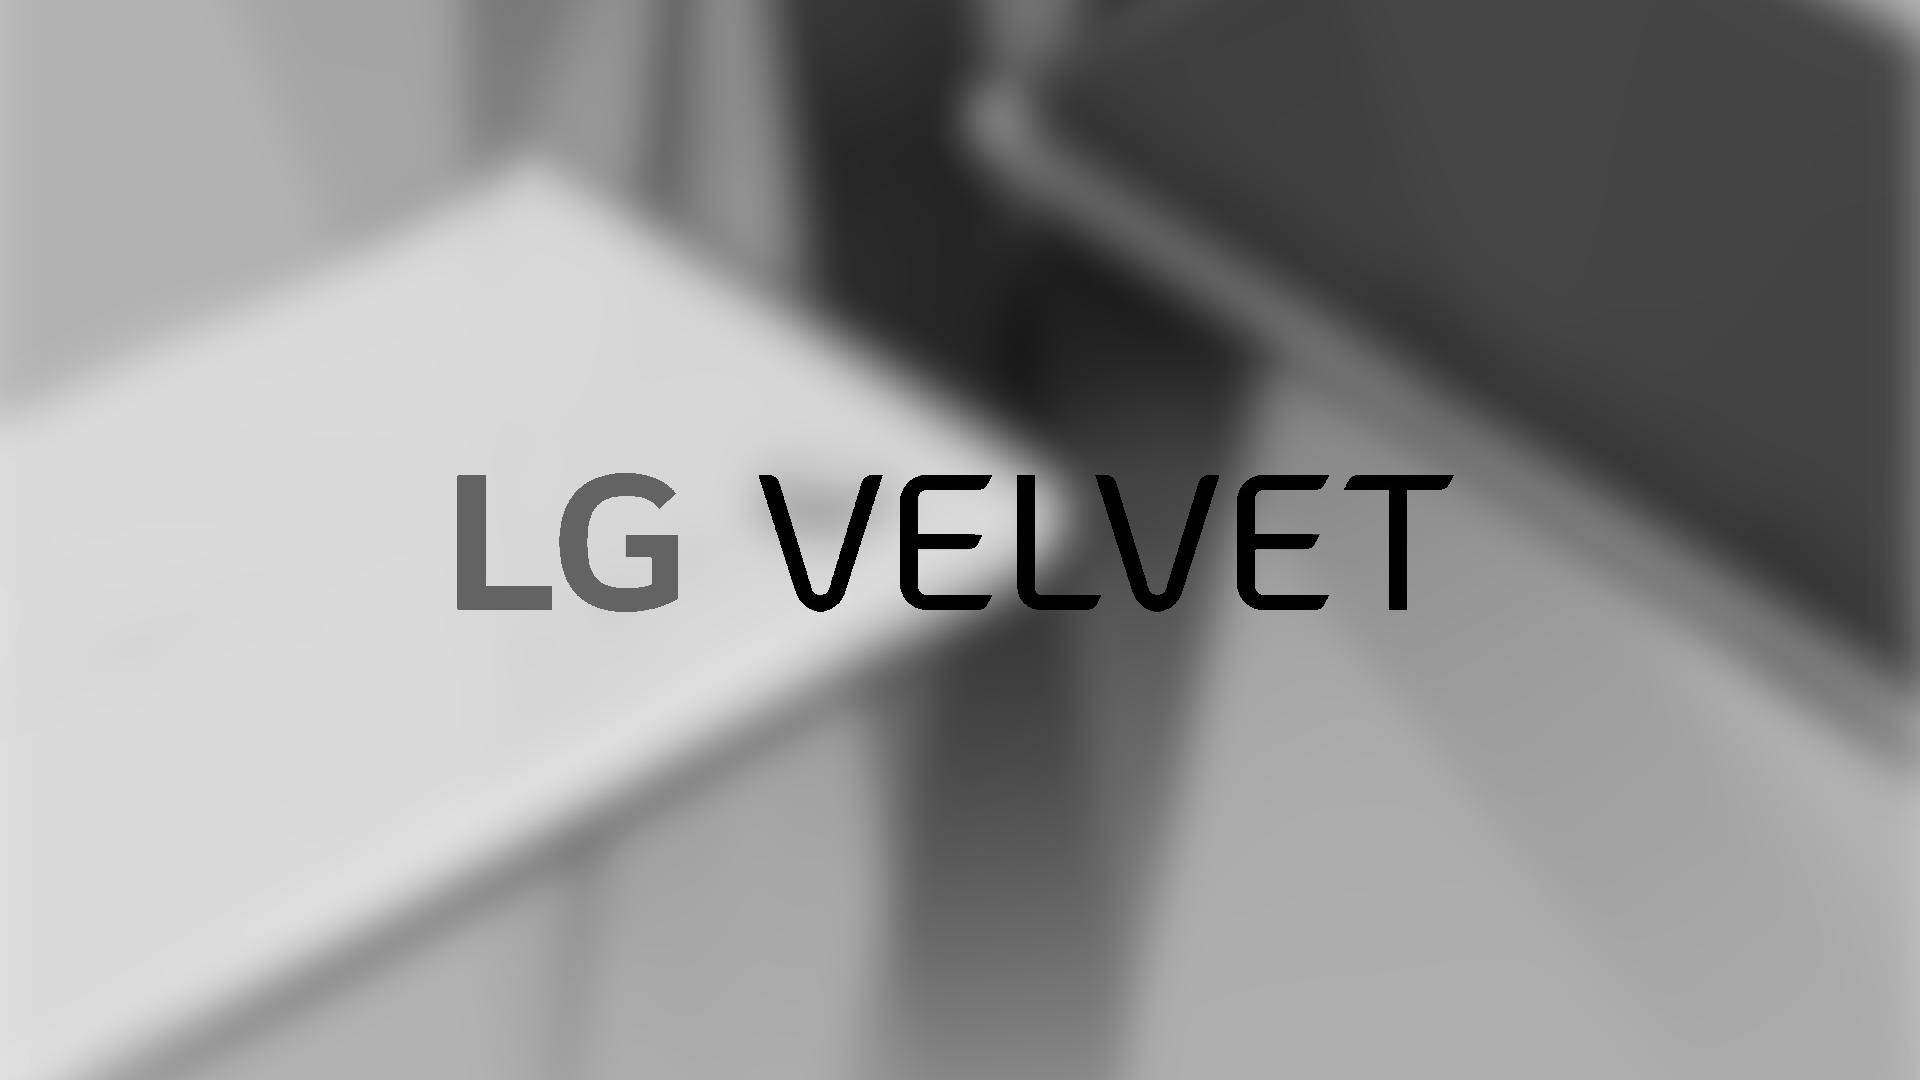 LG Velvet nadchodzi. Co tym razem wymyśliło LG?